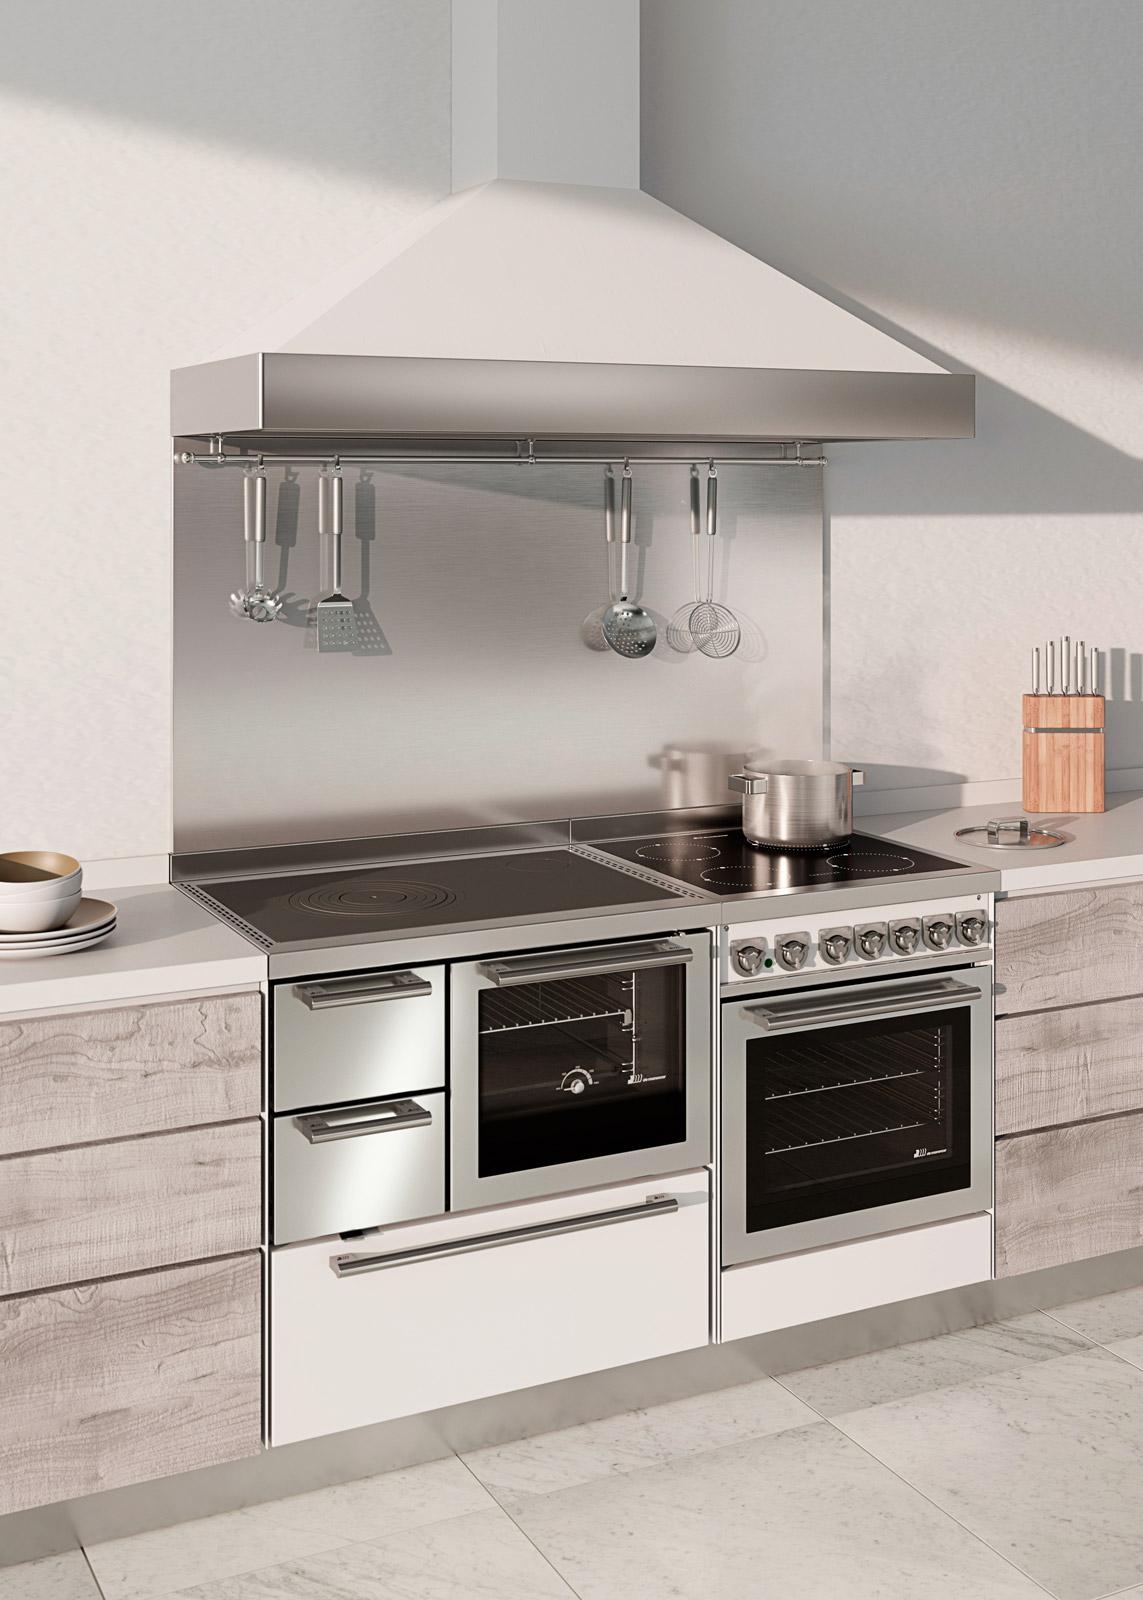 cucina-a-legna-f80g60-induzione_holzherd